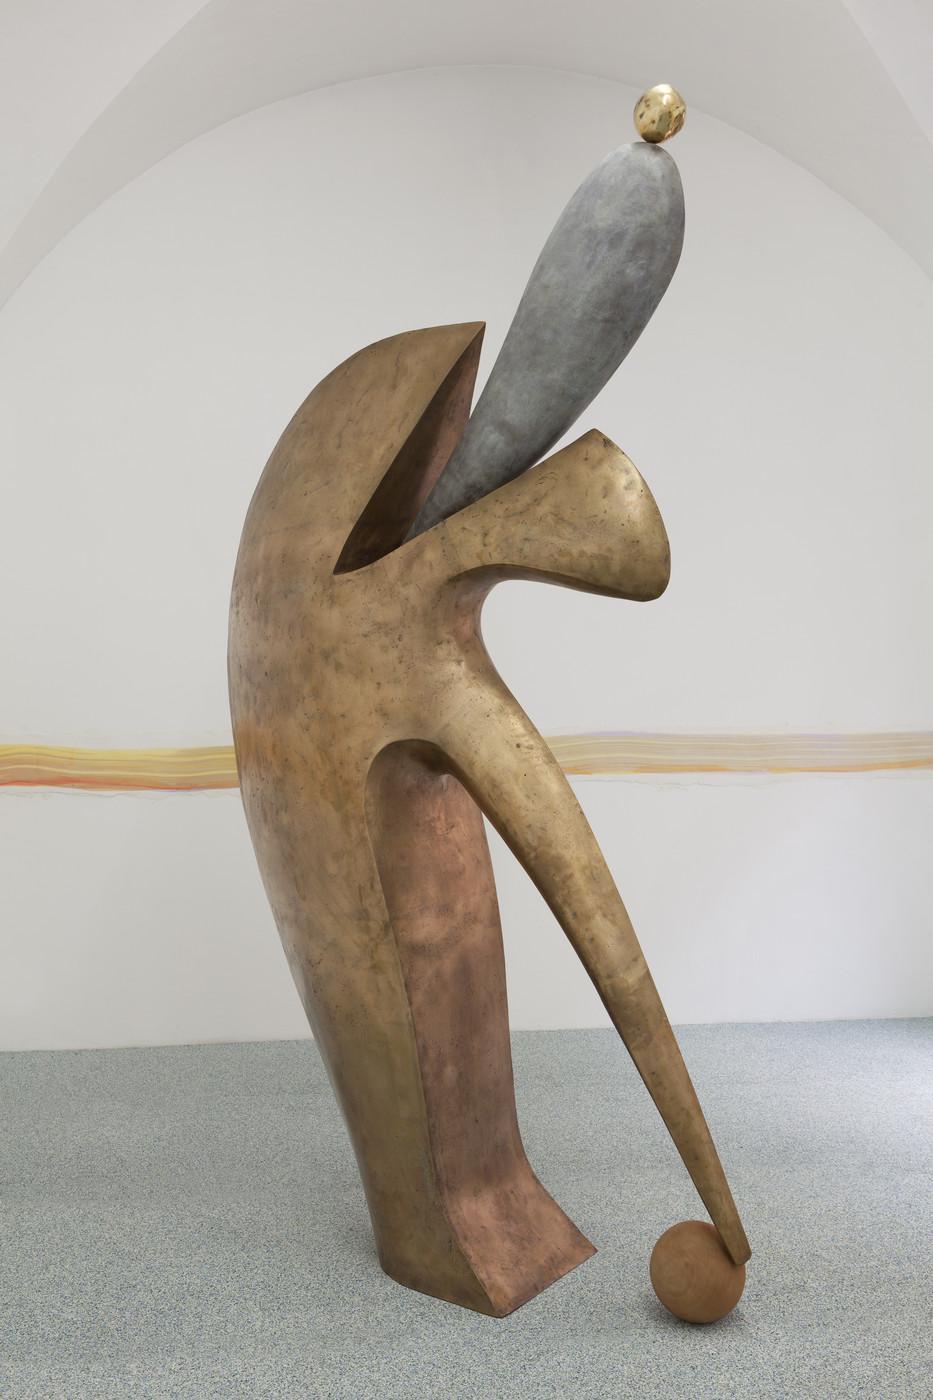 24. Camille Henrot, Undelivered Message. Bronze, wood. 2016